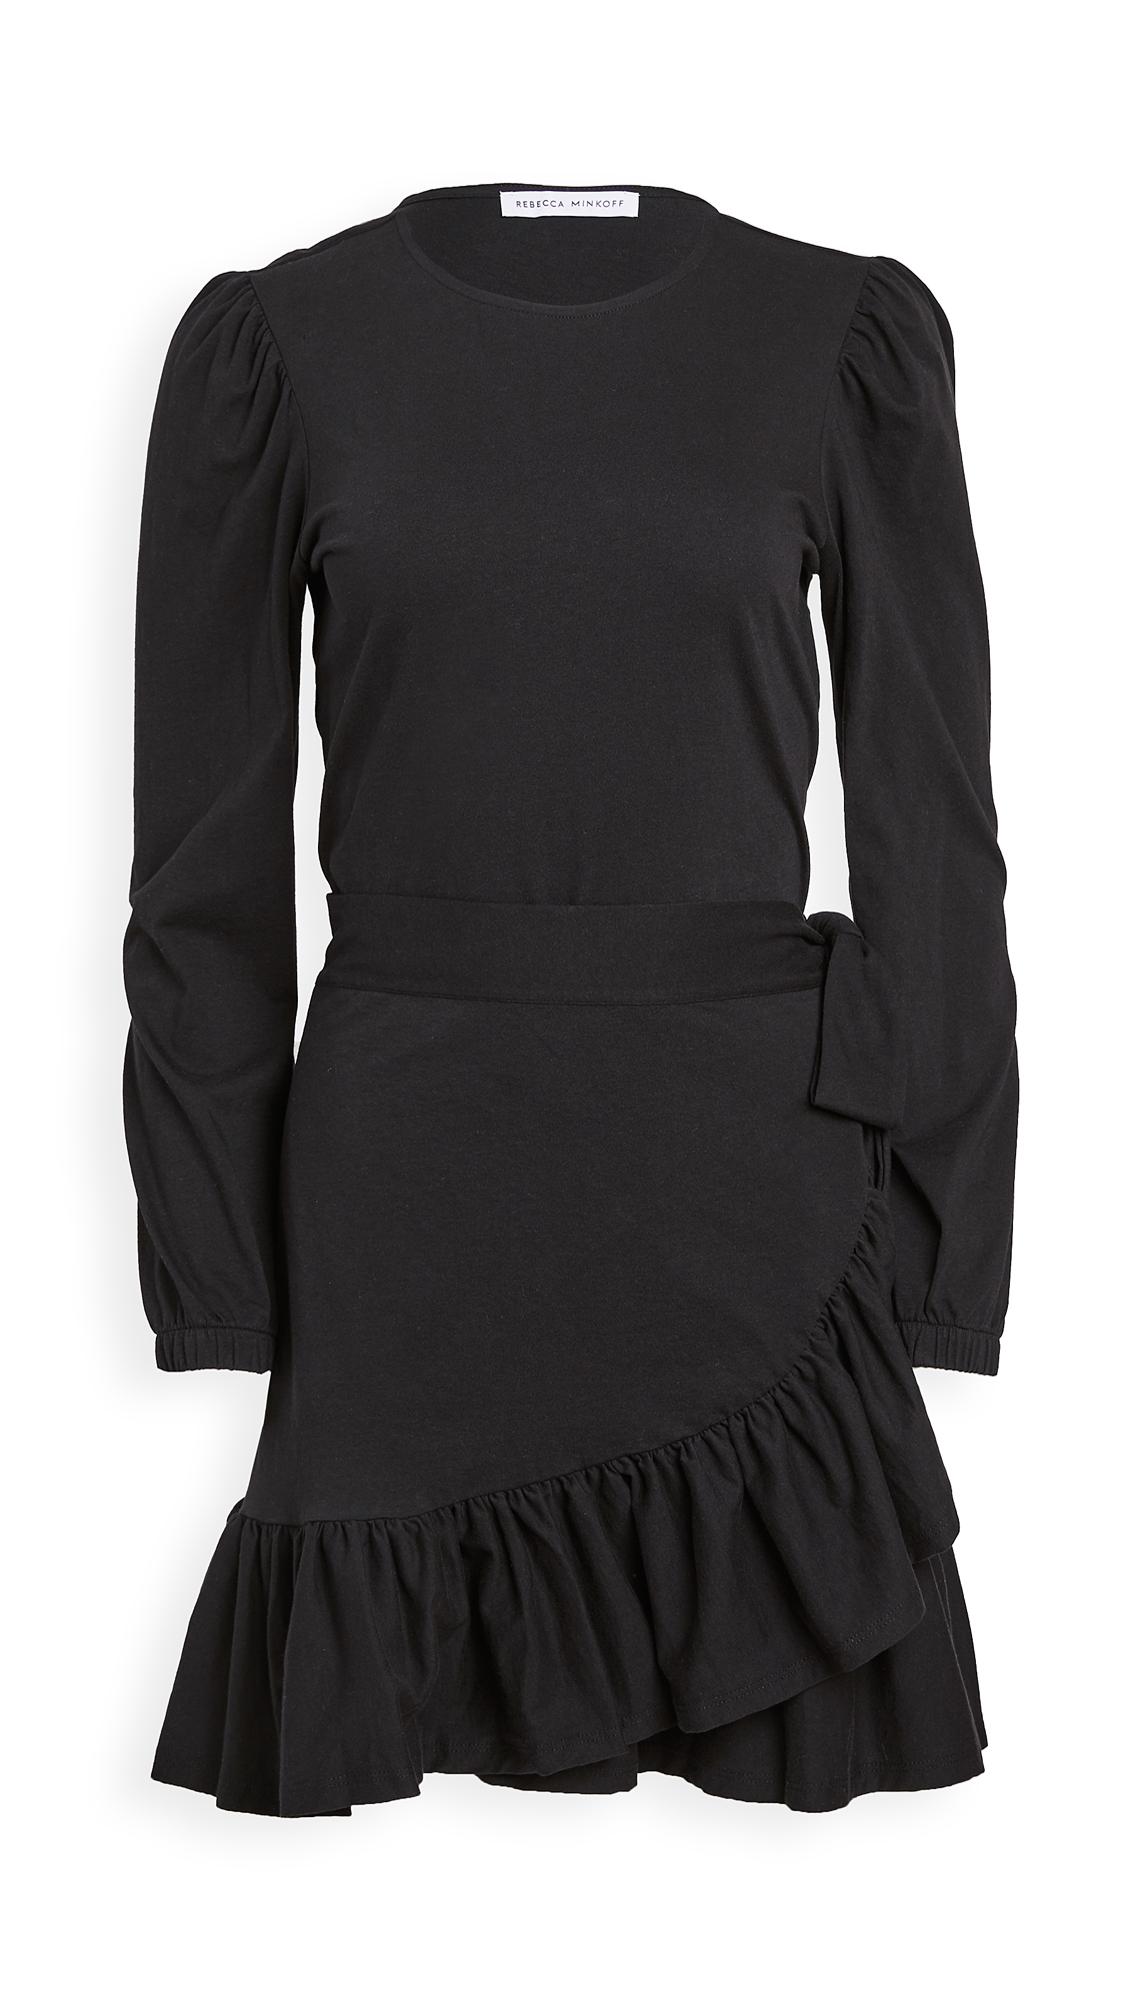 Rebecca Minkoff Josephine Dress - 40% Off Sale